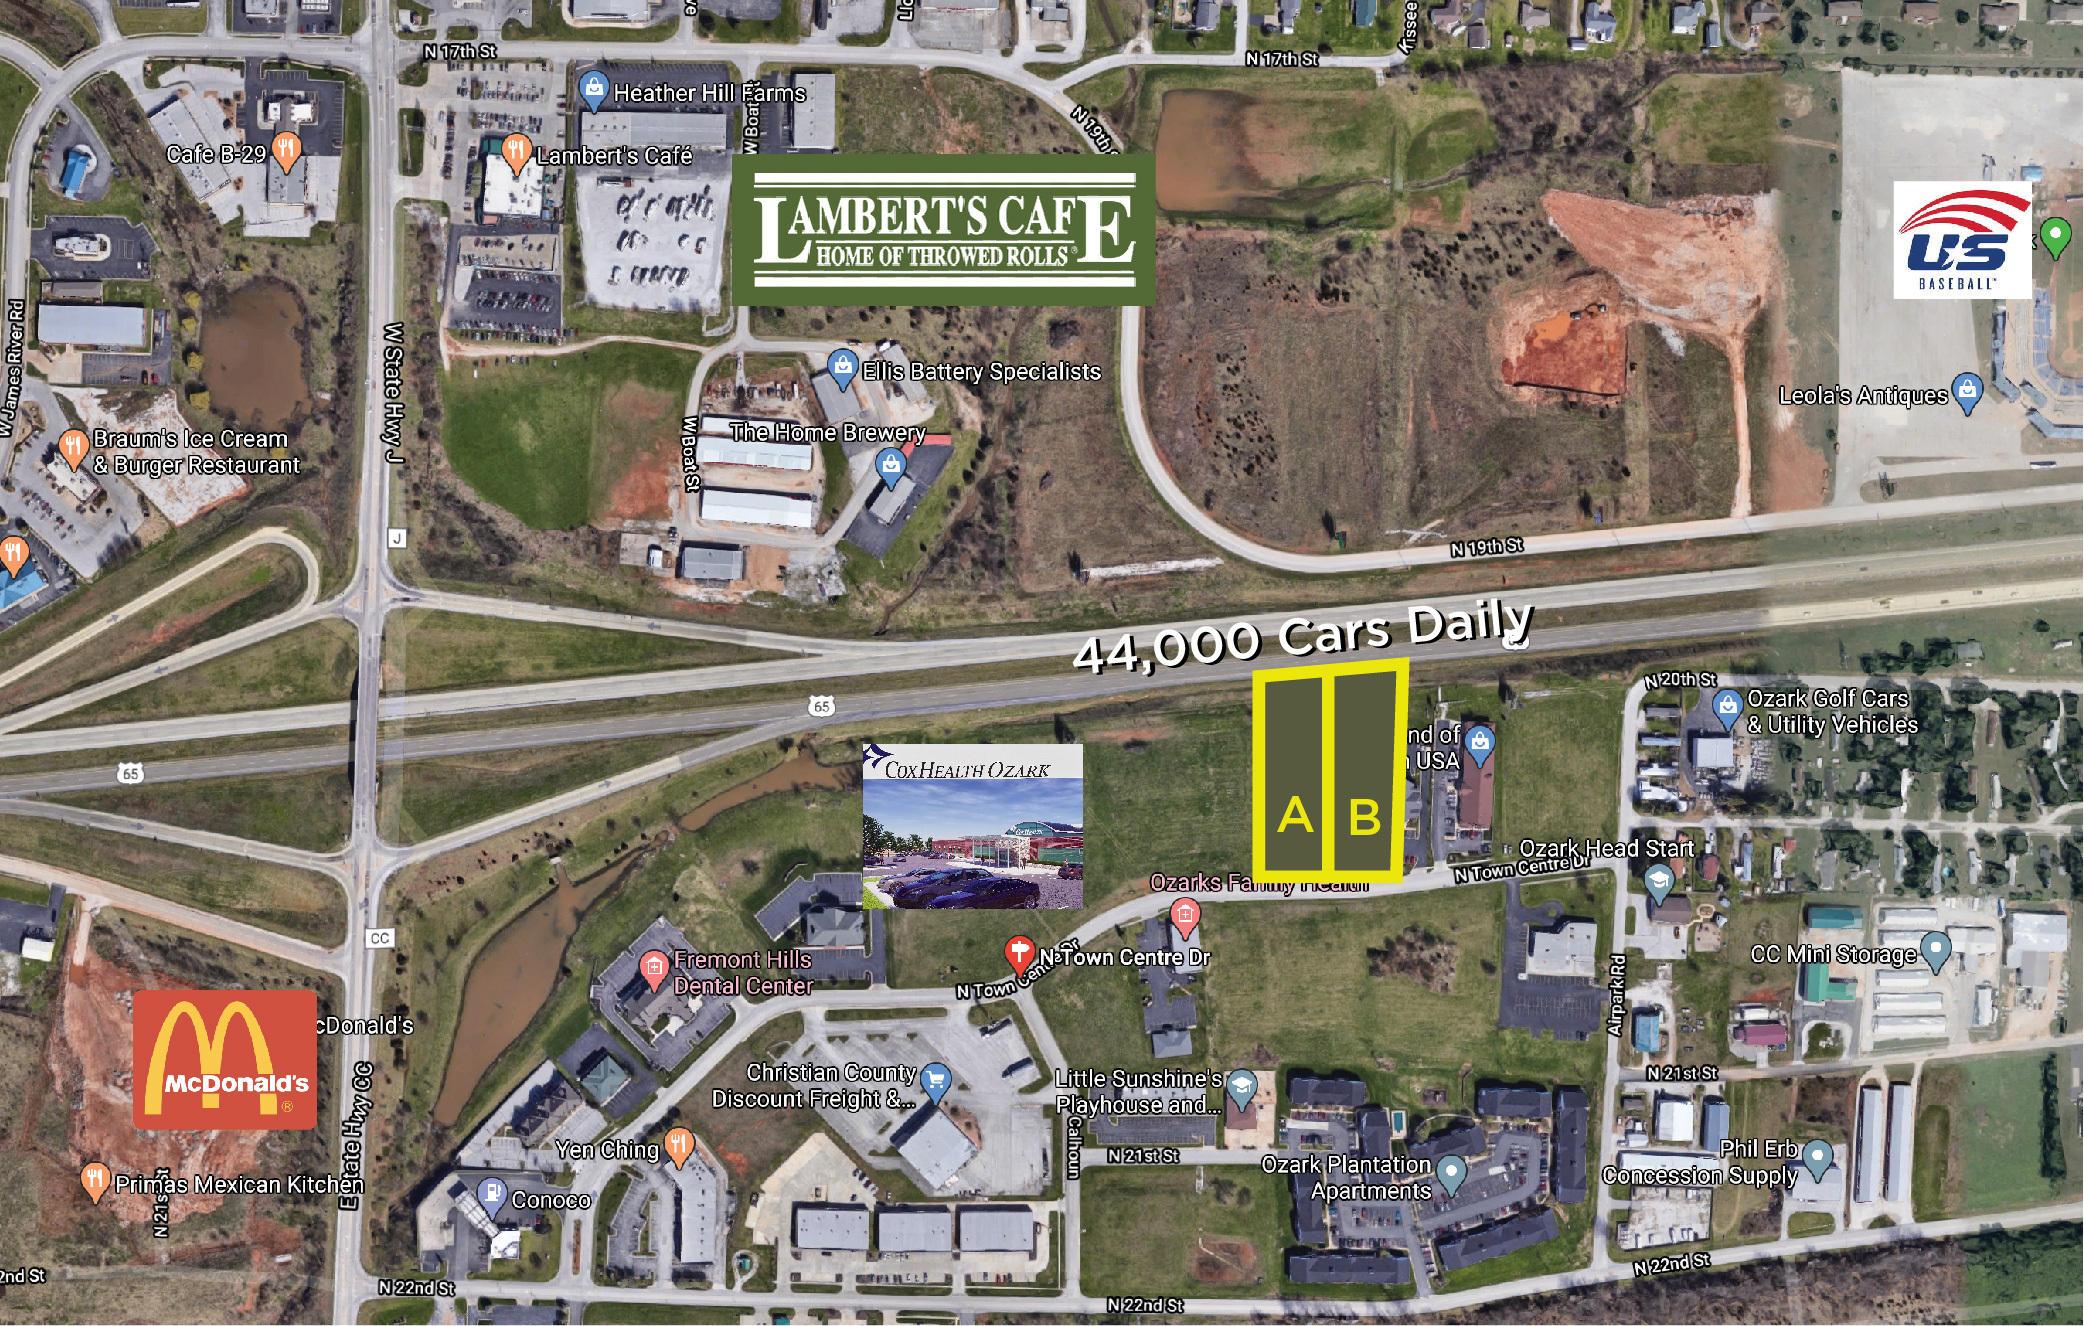 4860-A North Towne Centre Drive Ozark, MO 65721